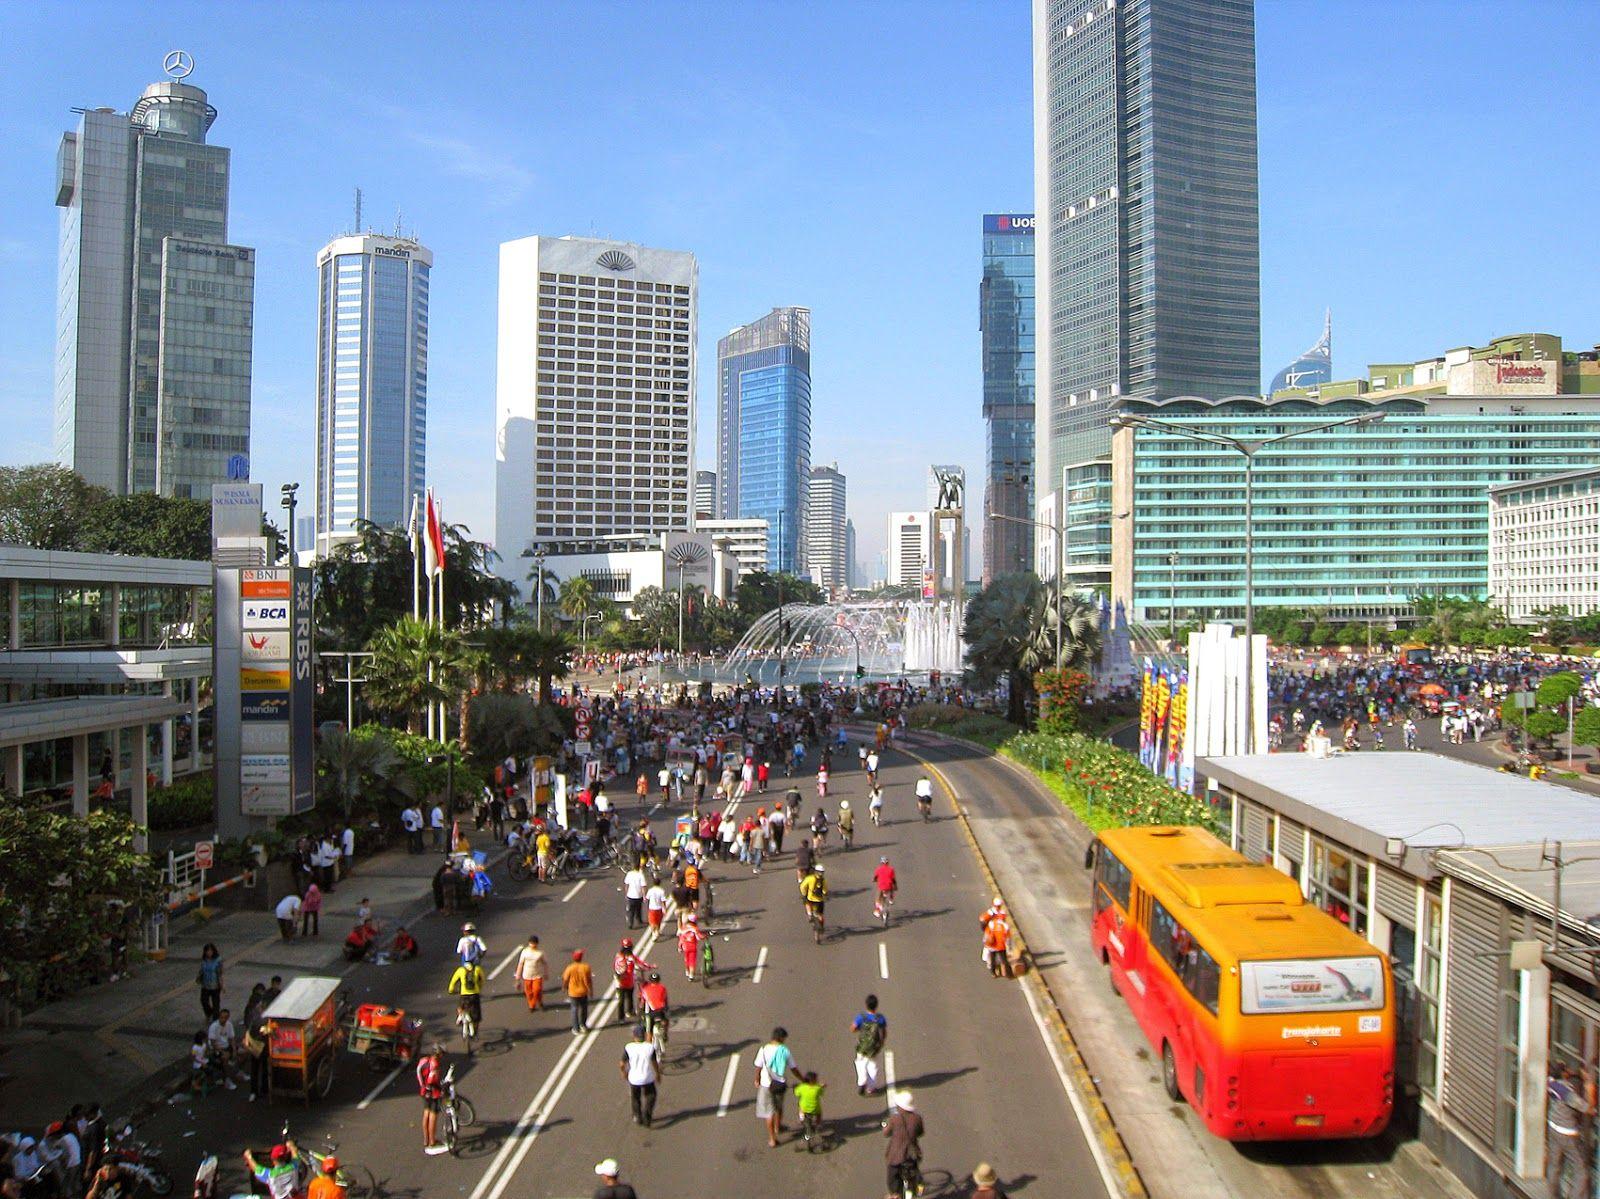 Hotel Murah Di Jakarta Selatan Tuliskan 2015 03